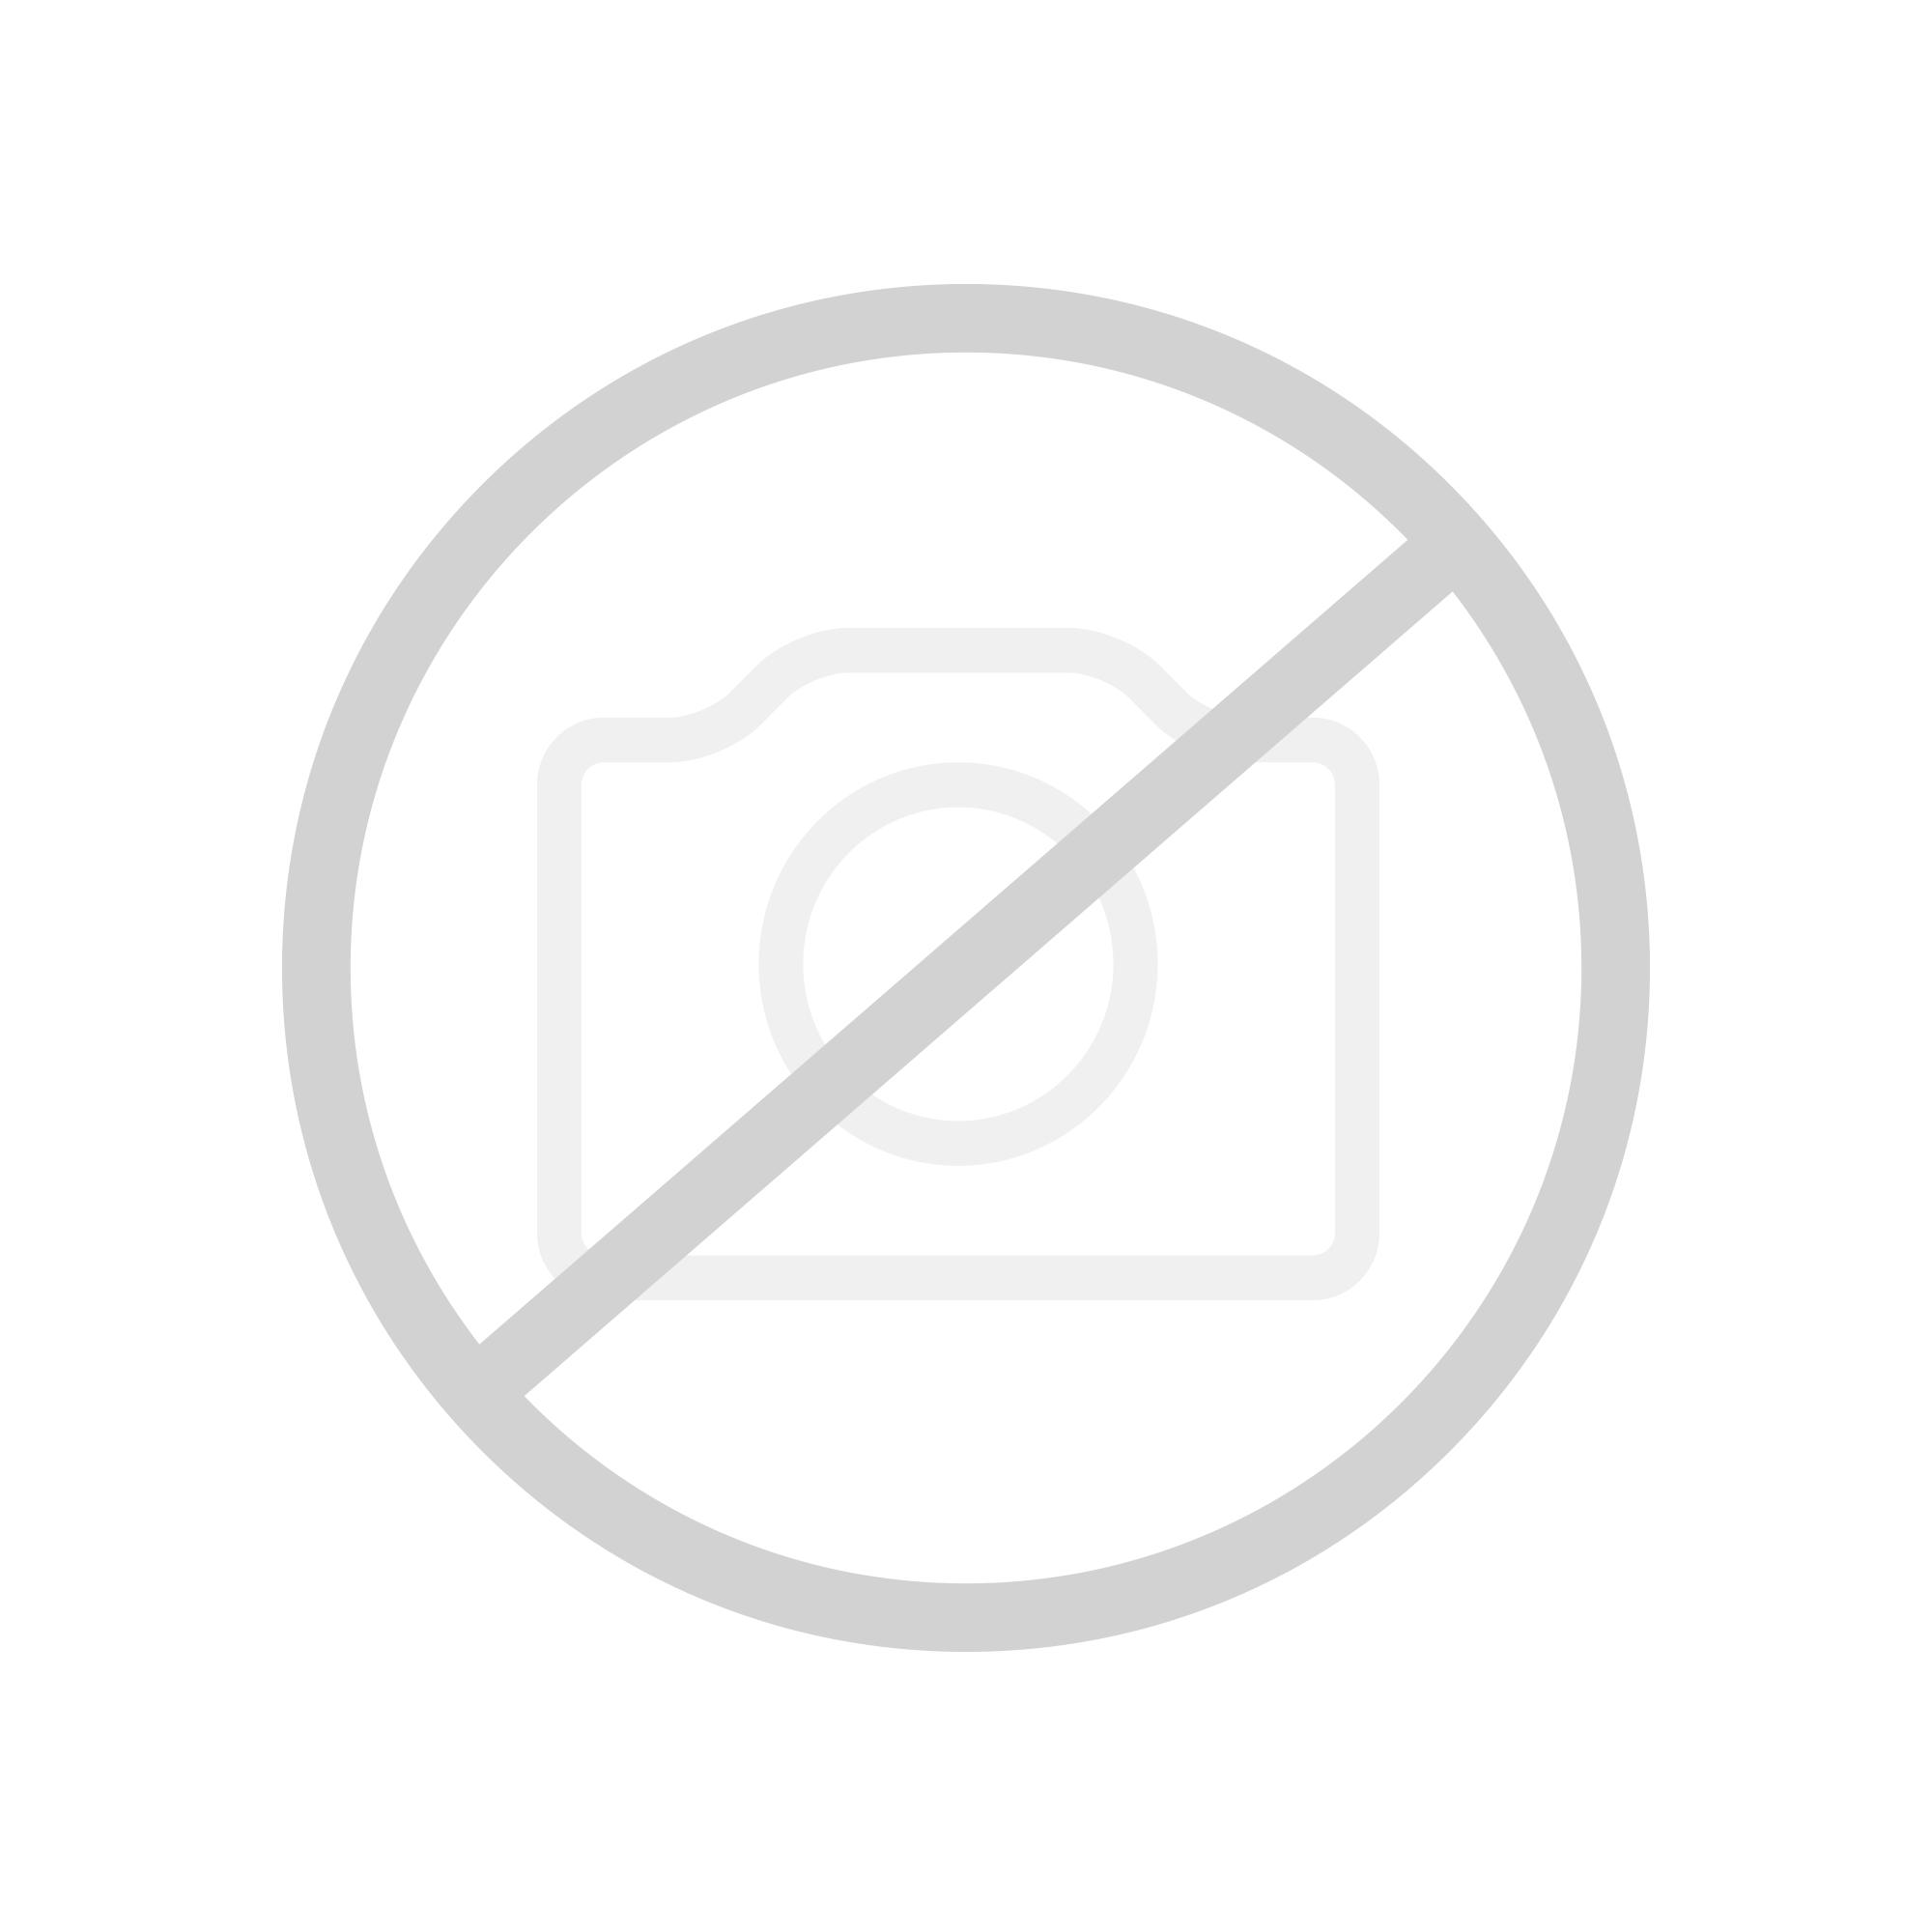 Keuco Moll Seifenspender mit Stülpbecher chrom/weiß